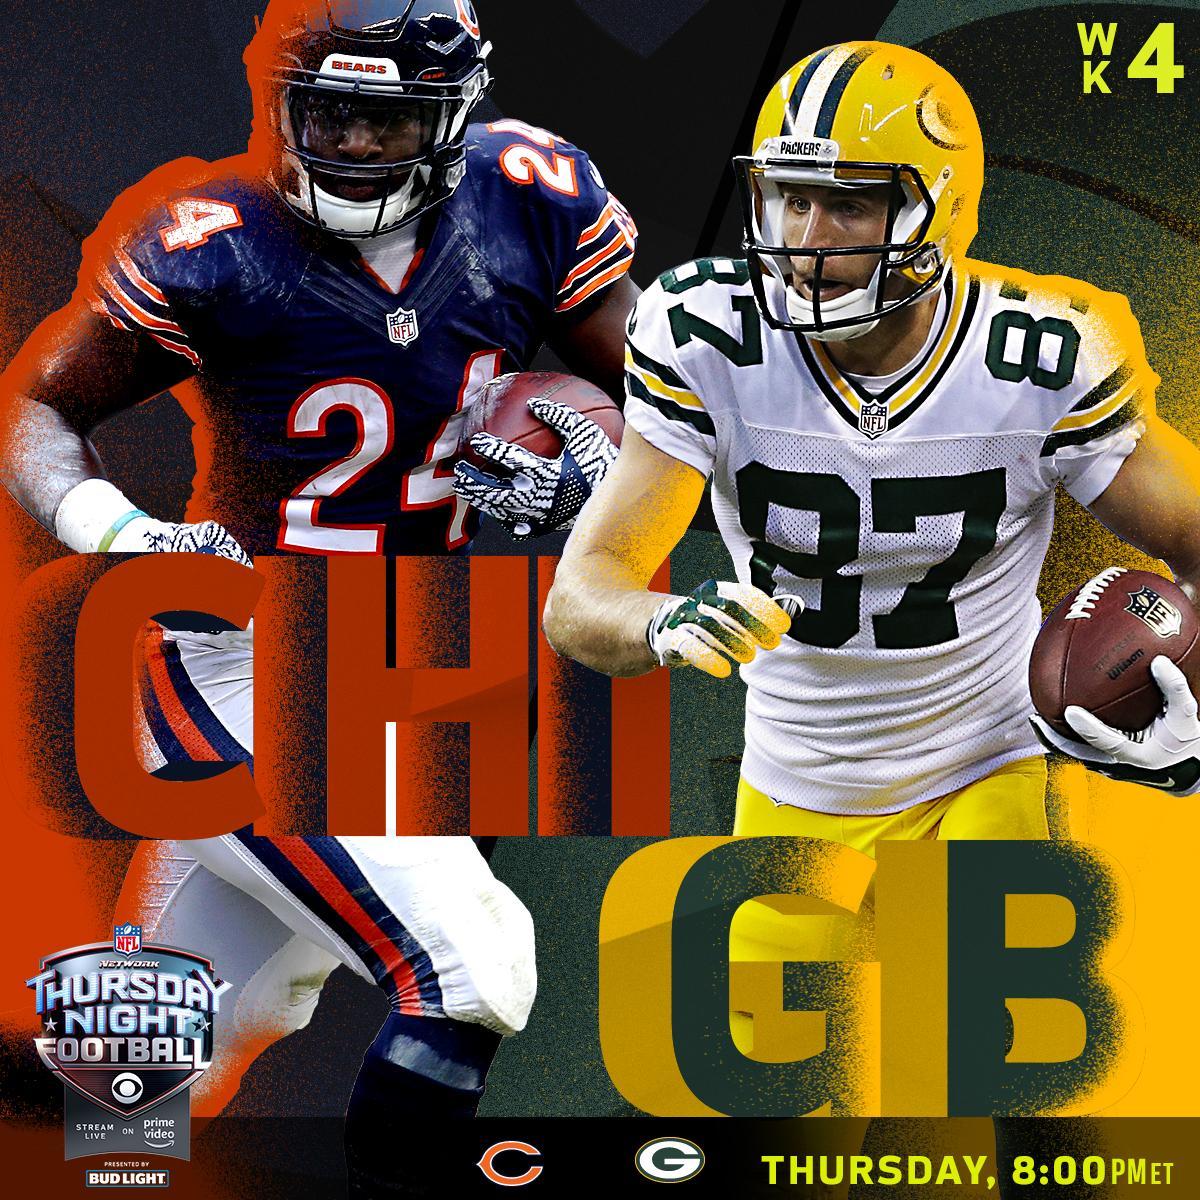 .@ChicagoBears! @packers!  Thursday, 8pm ET on @NFLonCBS + @nflnetwork + @AmazonVideo! #TNF #CHIvsGB https://t.co/jsdpXgSKpb